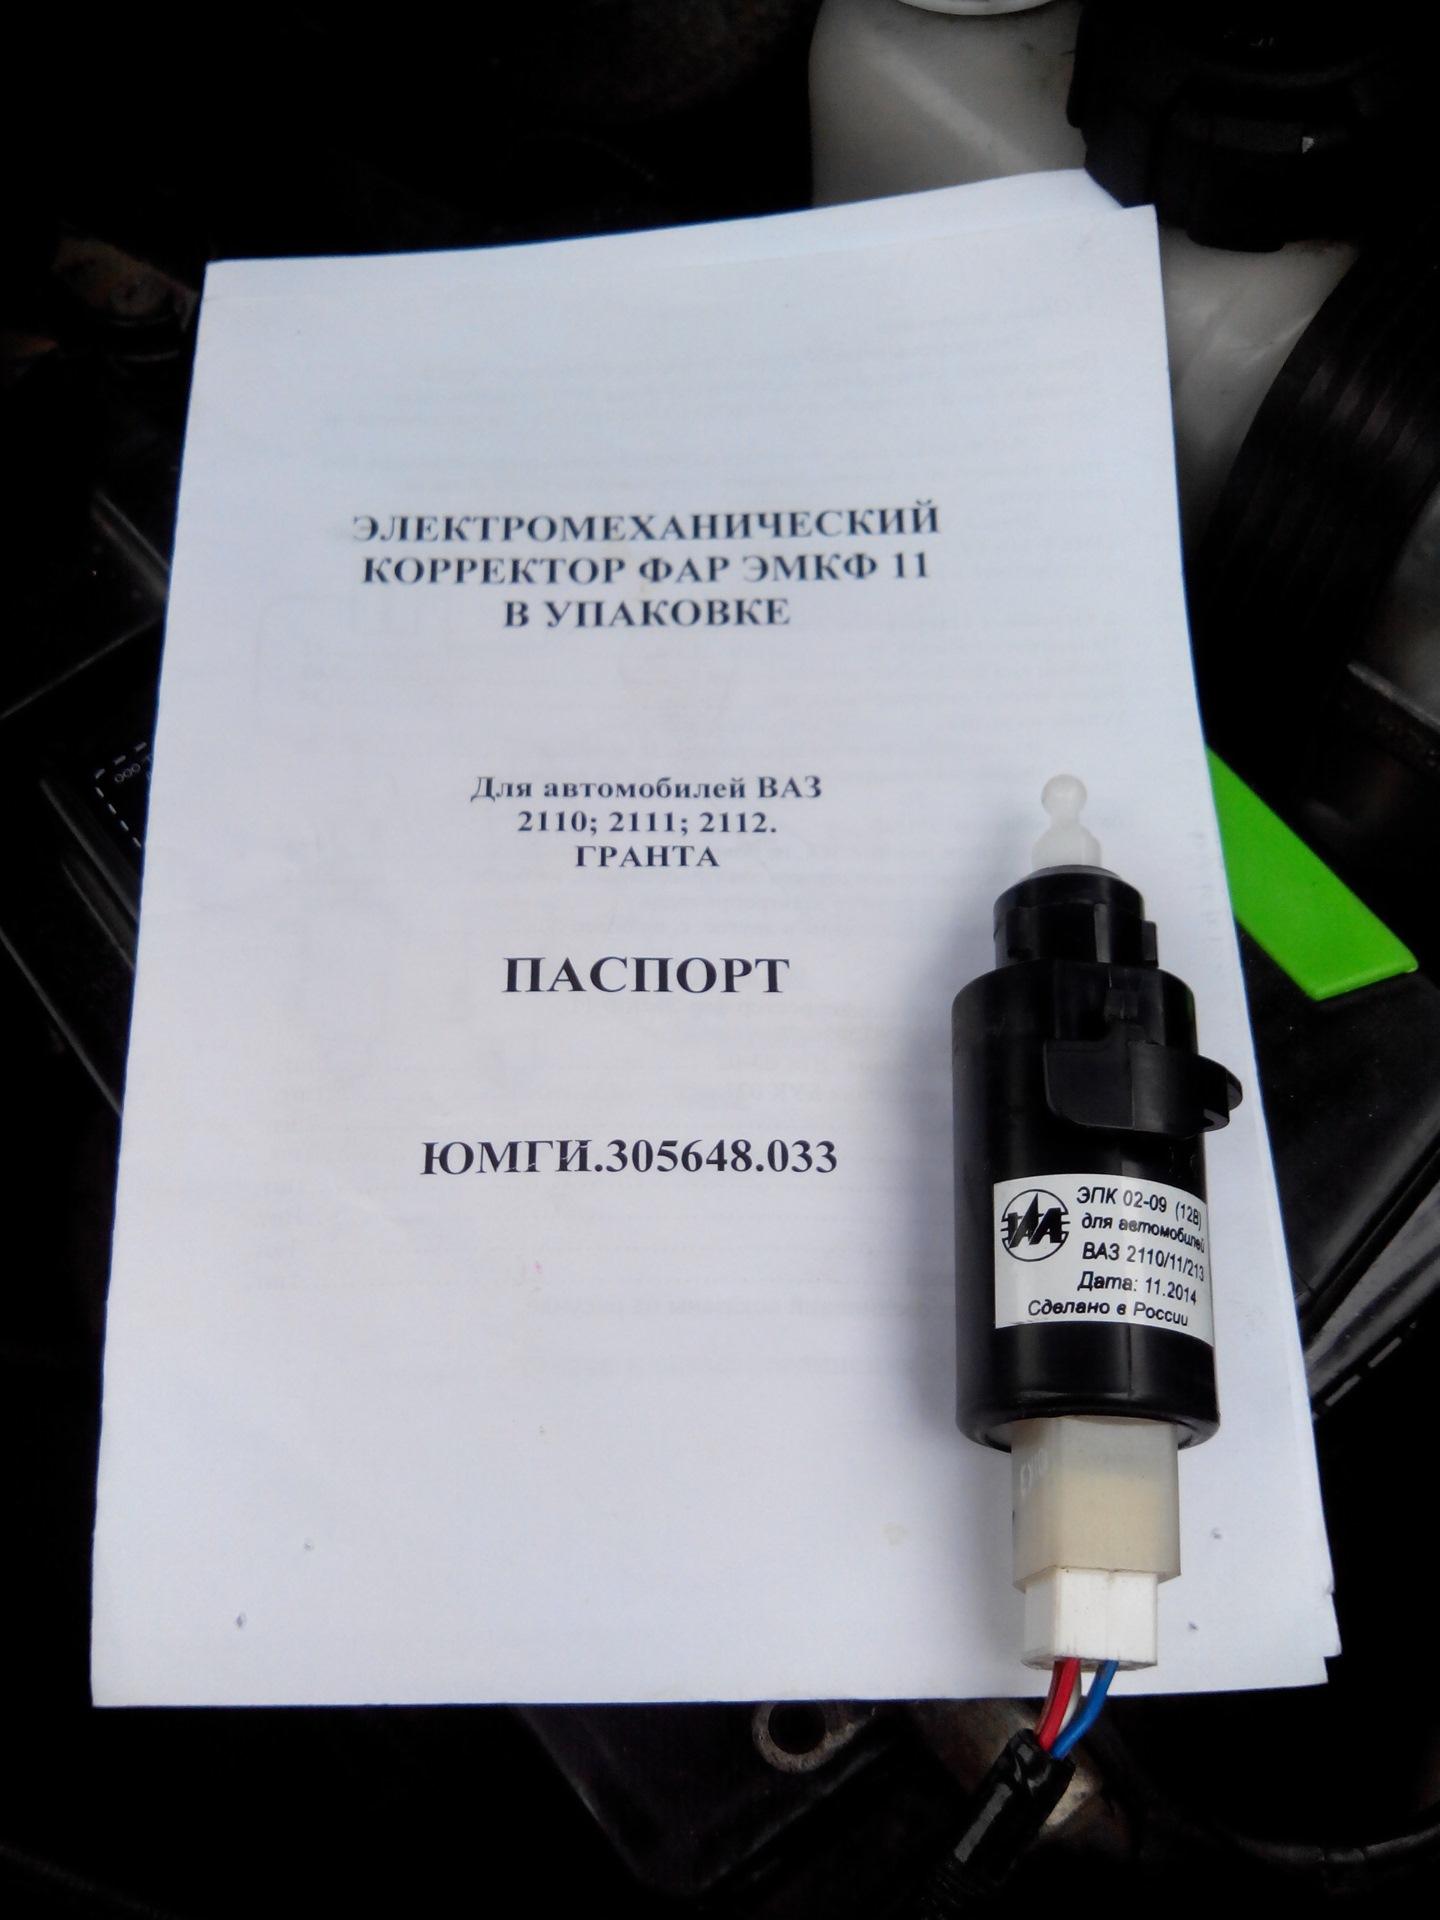 Автокорректор фар - виды и установка корректора своими руками 35